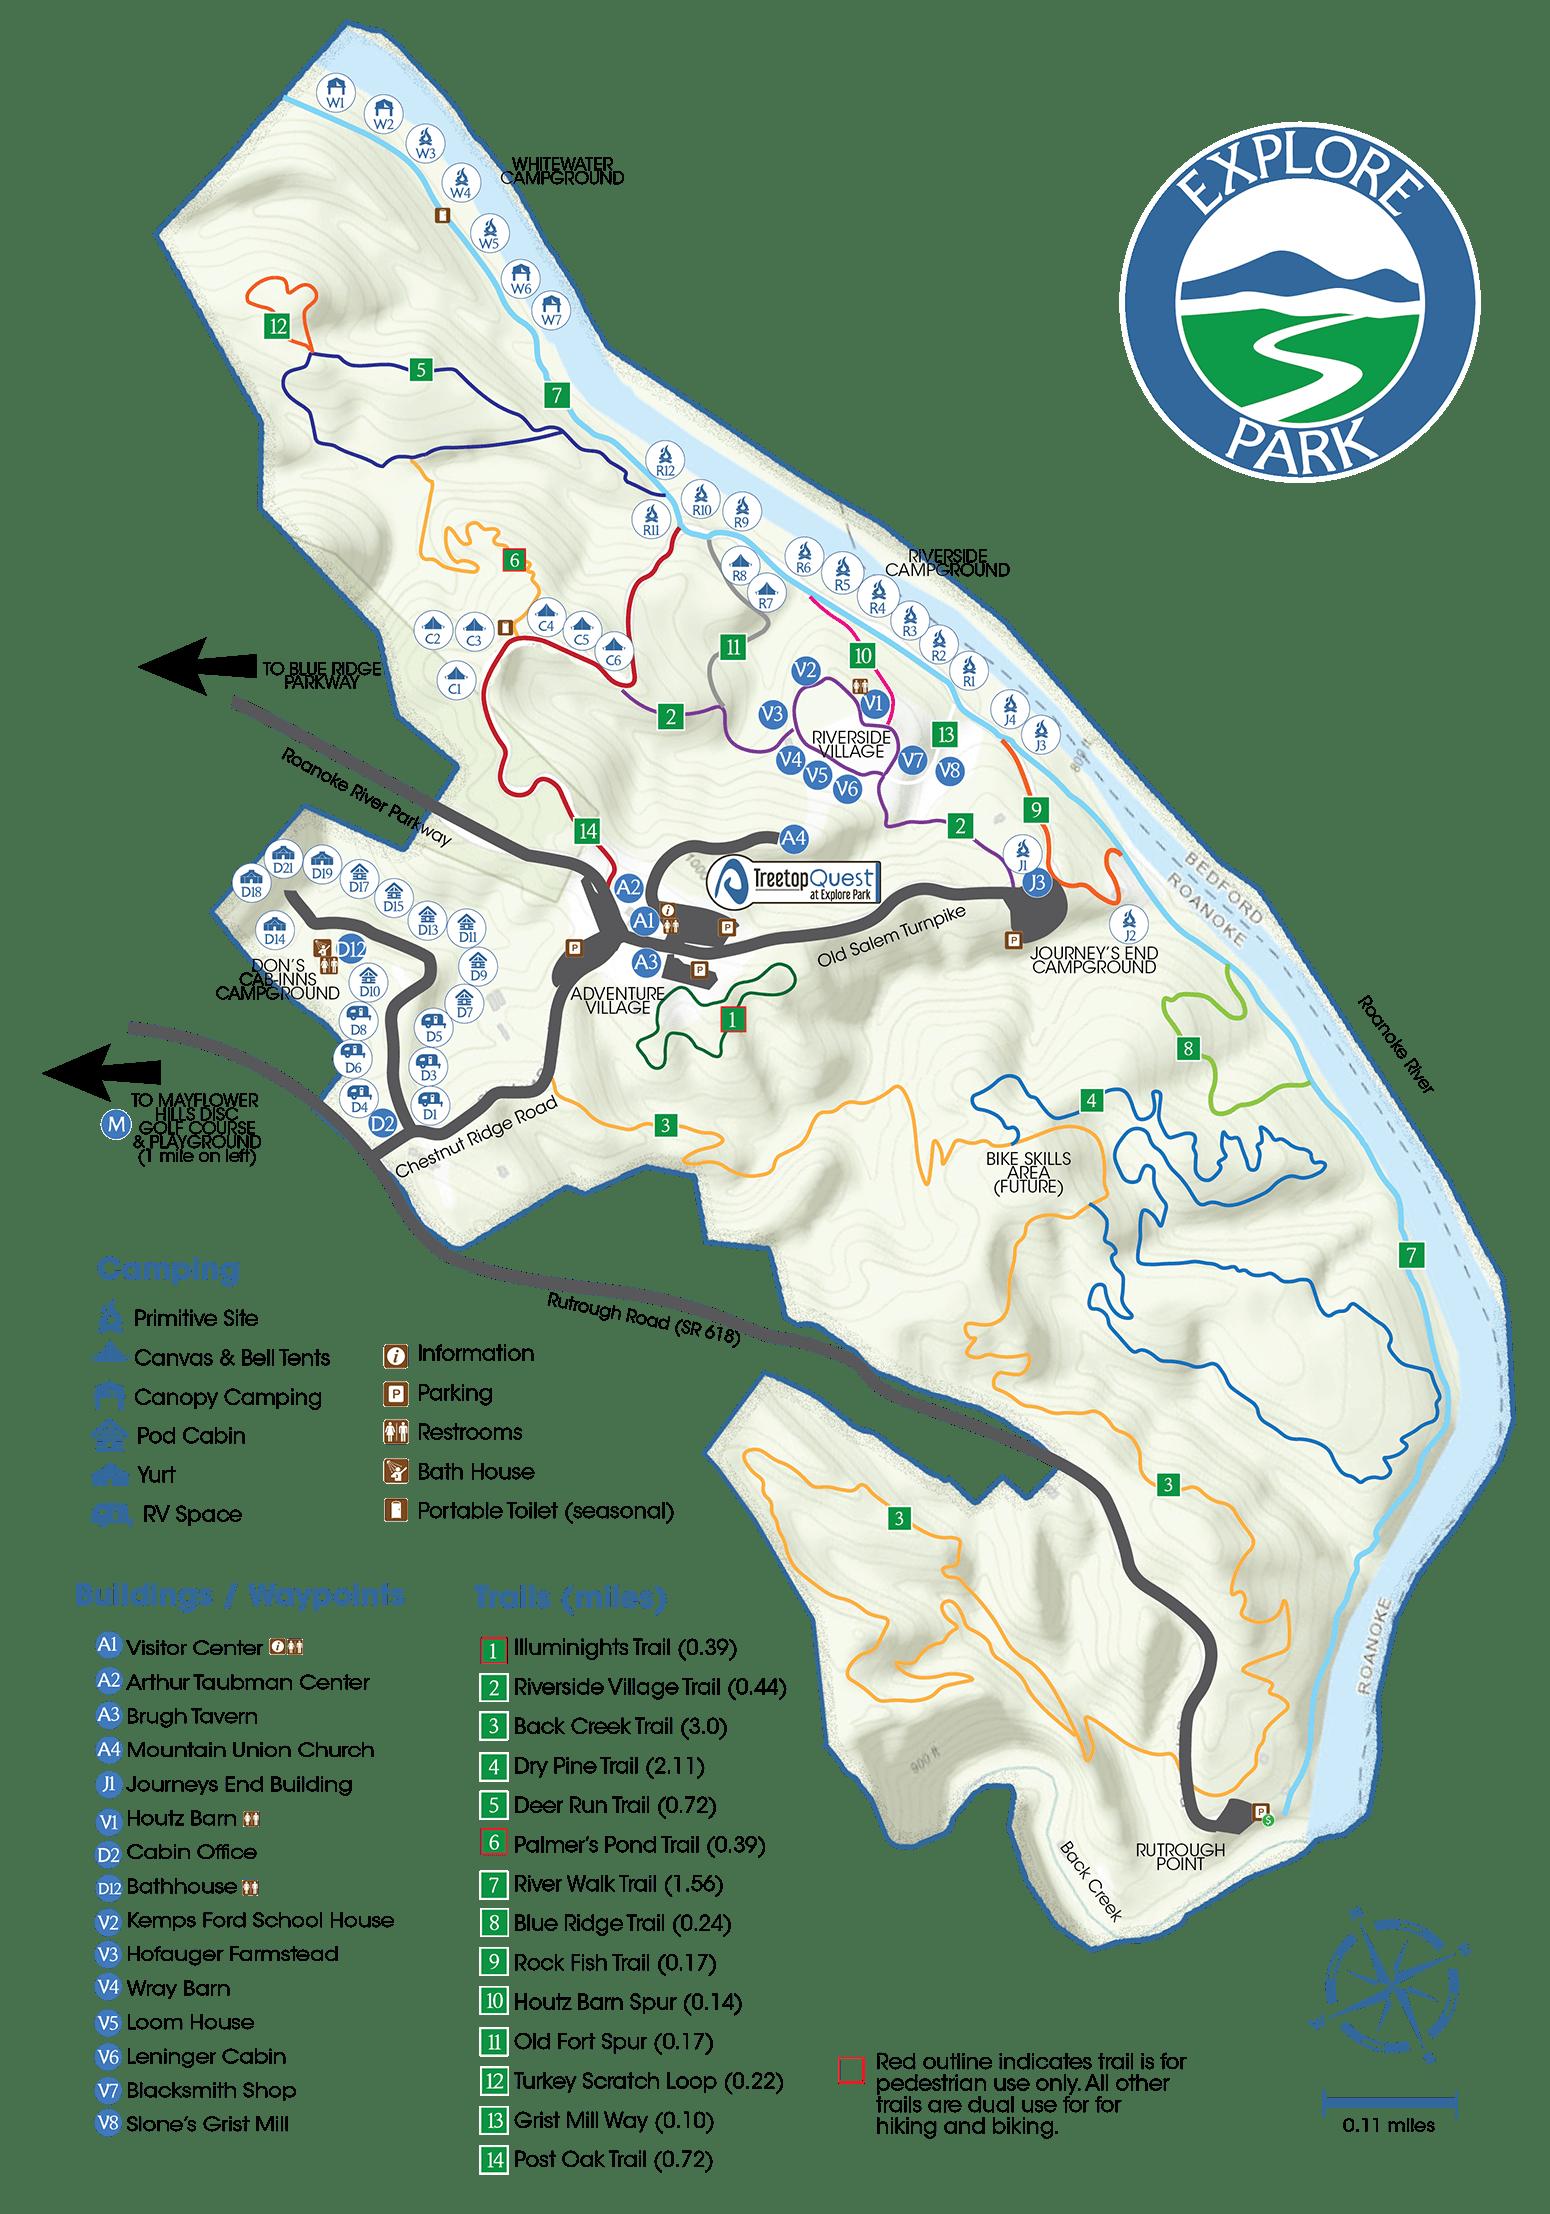 Explore Park Map